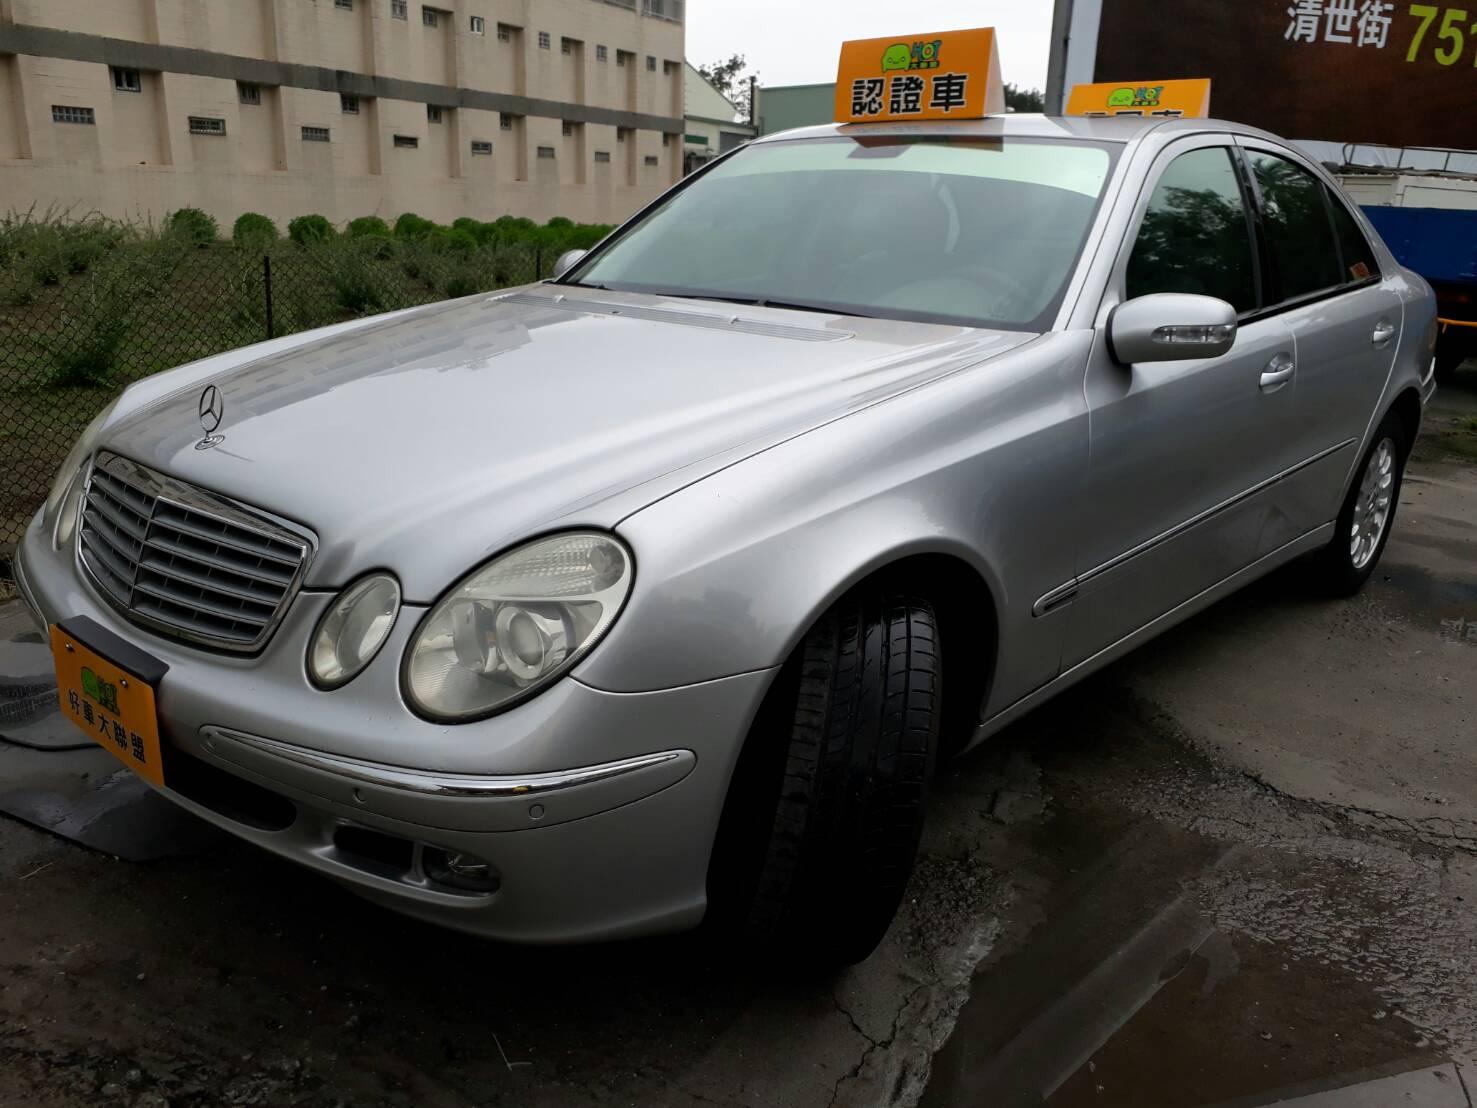 2005 M-Benz 賓士 E-Class